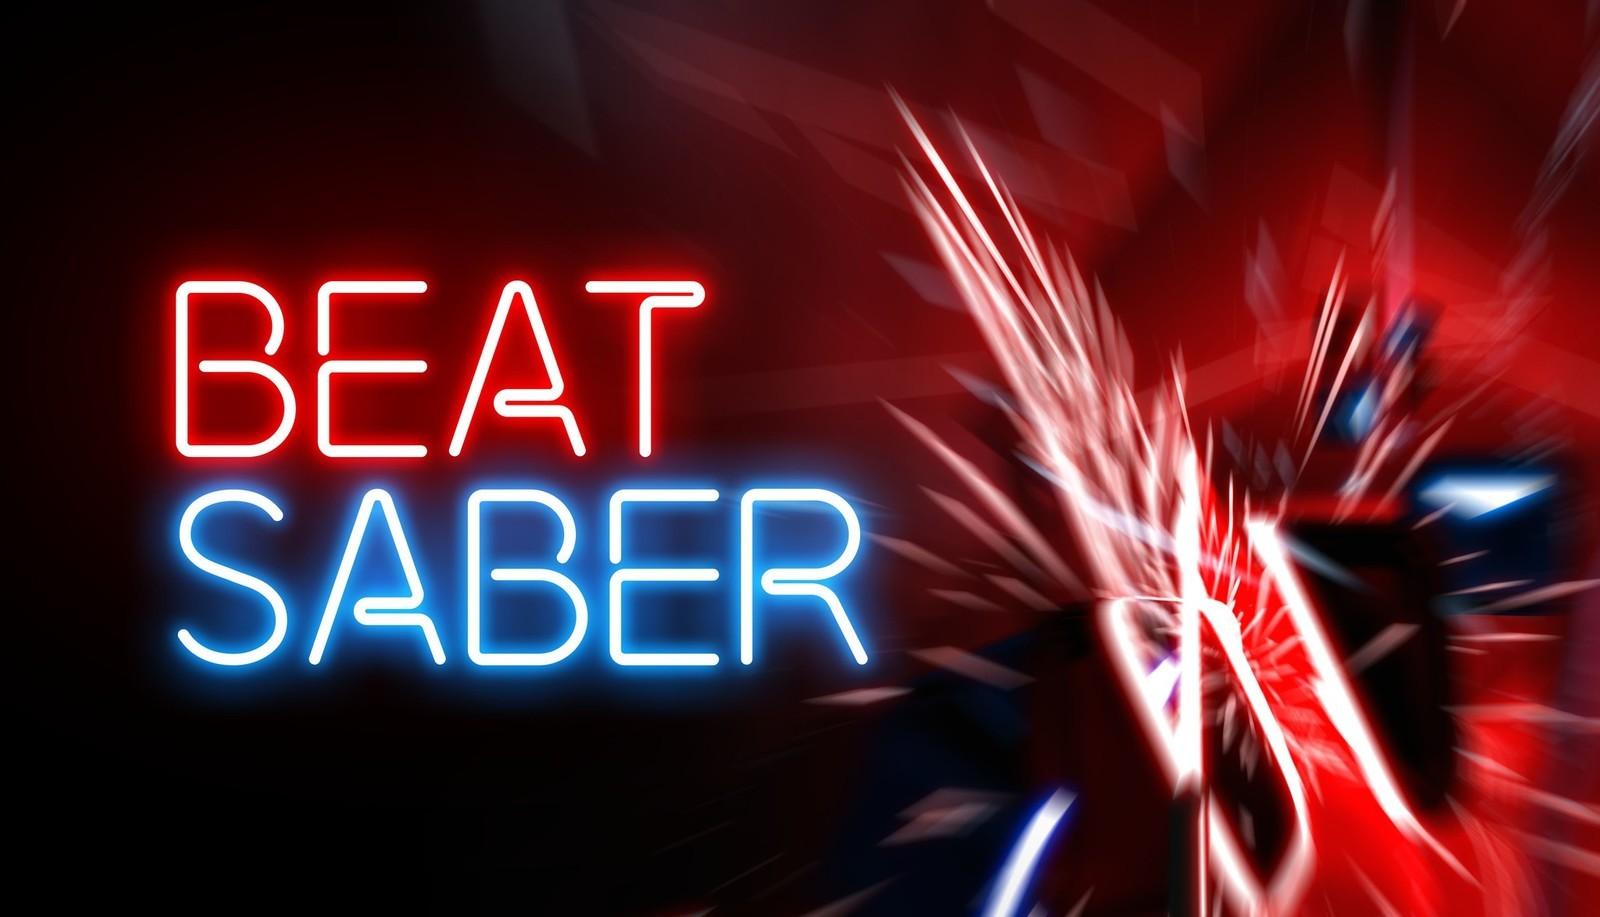 beat-saber-hero-01.jpg